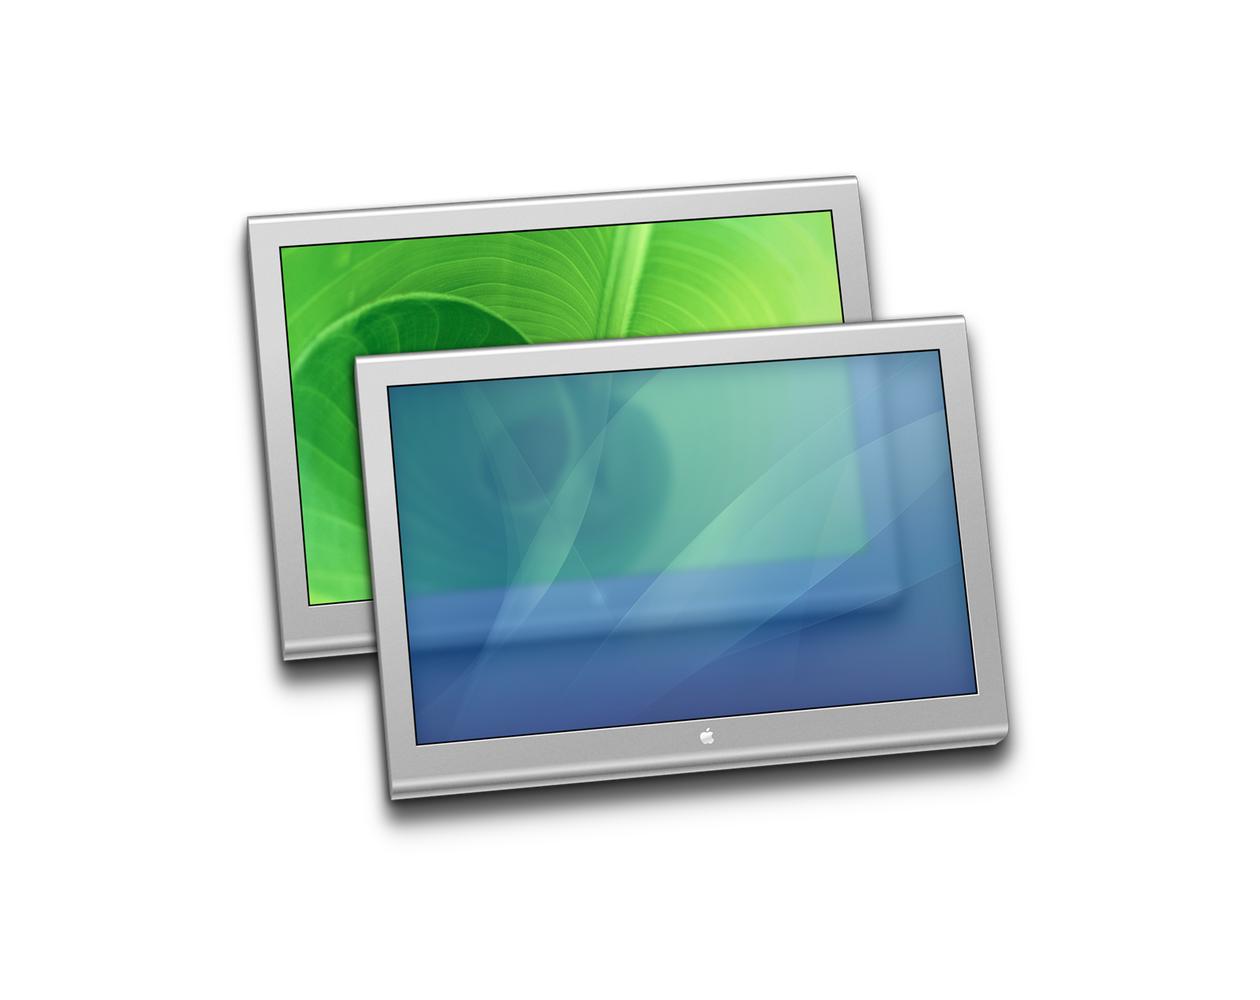 Как с помощью Screen Sharing быстро подключиться к удаленному Mac